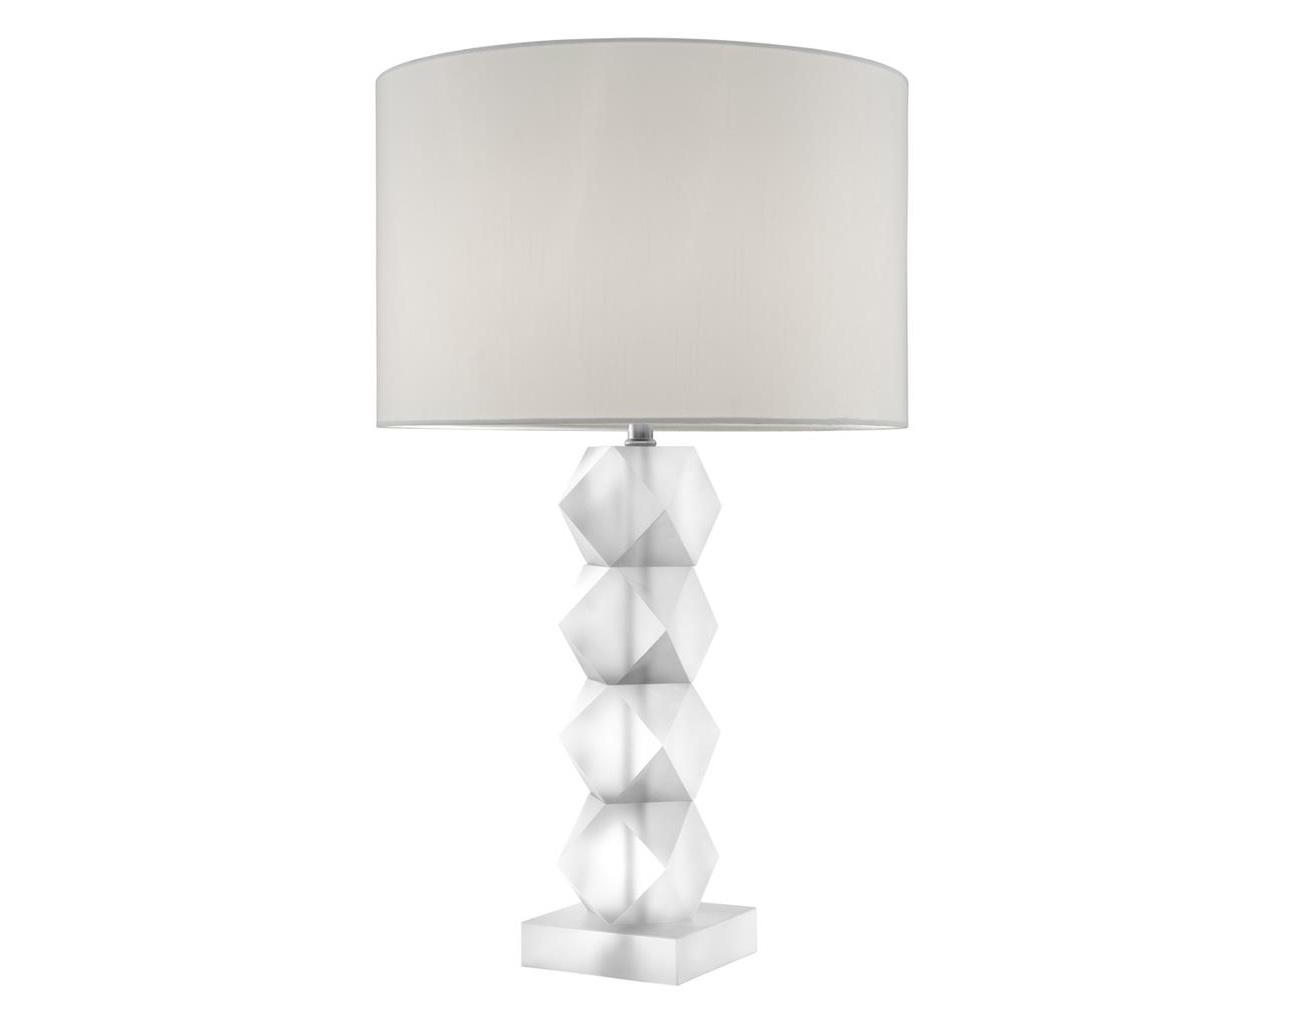 Настольная лампа Table Lamp WhealonДекоративные лампы<br>&amp;lt;div&amp;gt;Вид цоколя: E27&amp;lt;br&amp;gt;&amp;lt;/div&amp;gt;&amp;lt;div&amp;gt;&amp;lt;div&amp;gt;Мощность: 40W&amp;lt;/div&amp;gt;&amp;lt;div&amp;gt;Количество ламп: 1 (нет в комплекте)&amp;lt;/div&amp;gt;&amp;lt;/div&amp;gt;<br><br>Material: Стекло<br>Height см: 84<br>Diameter см: 48